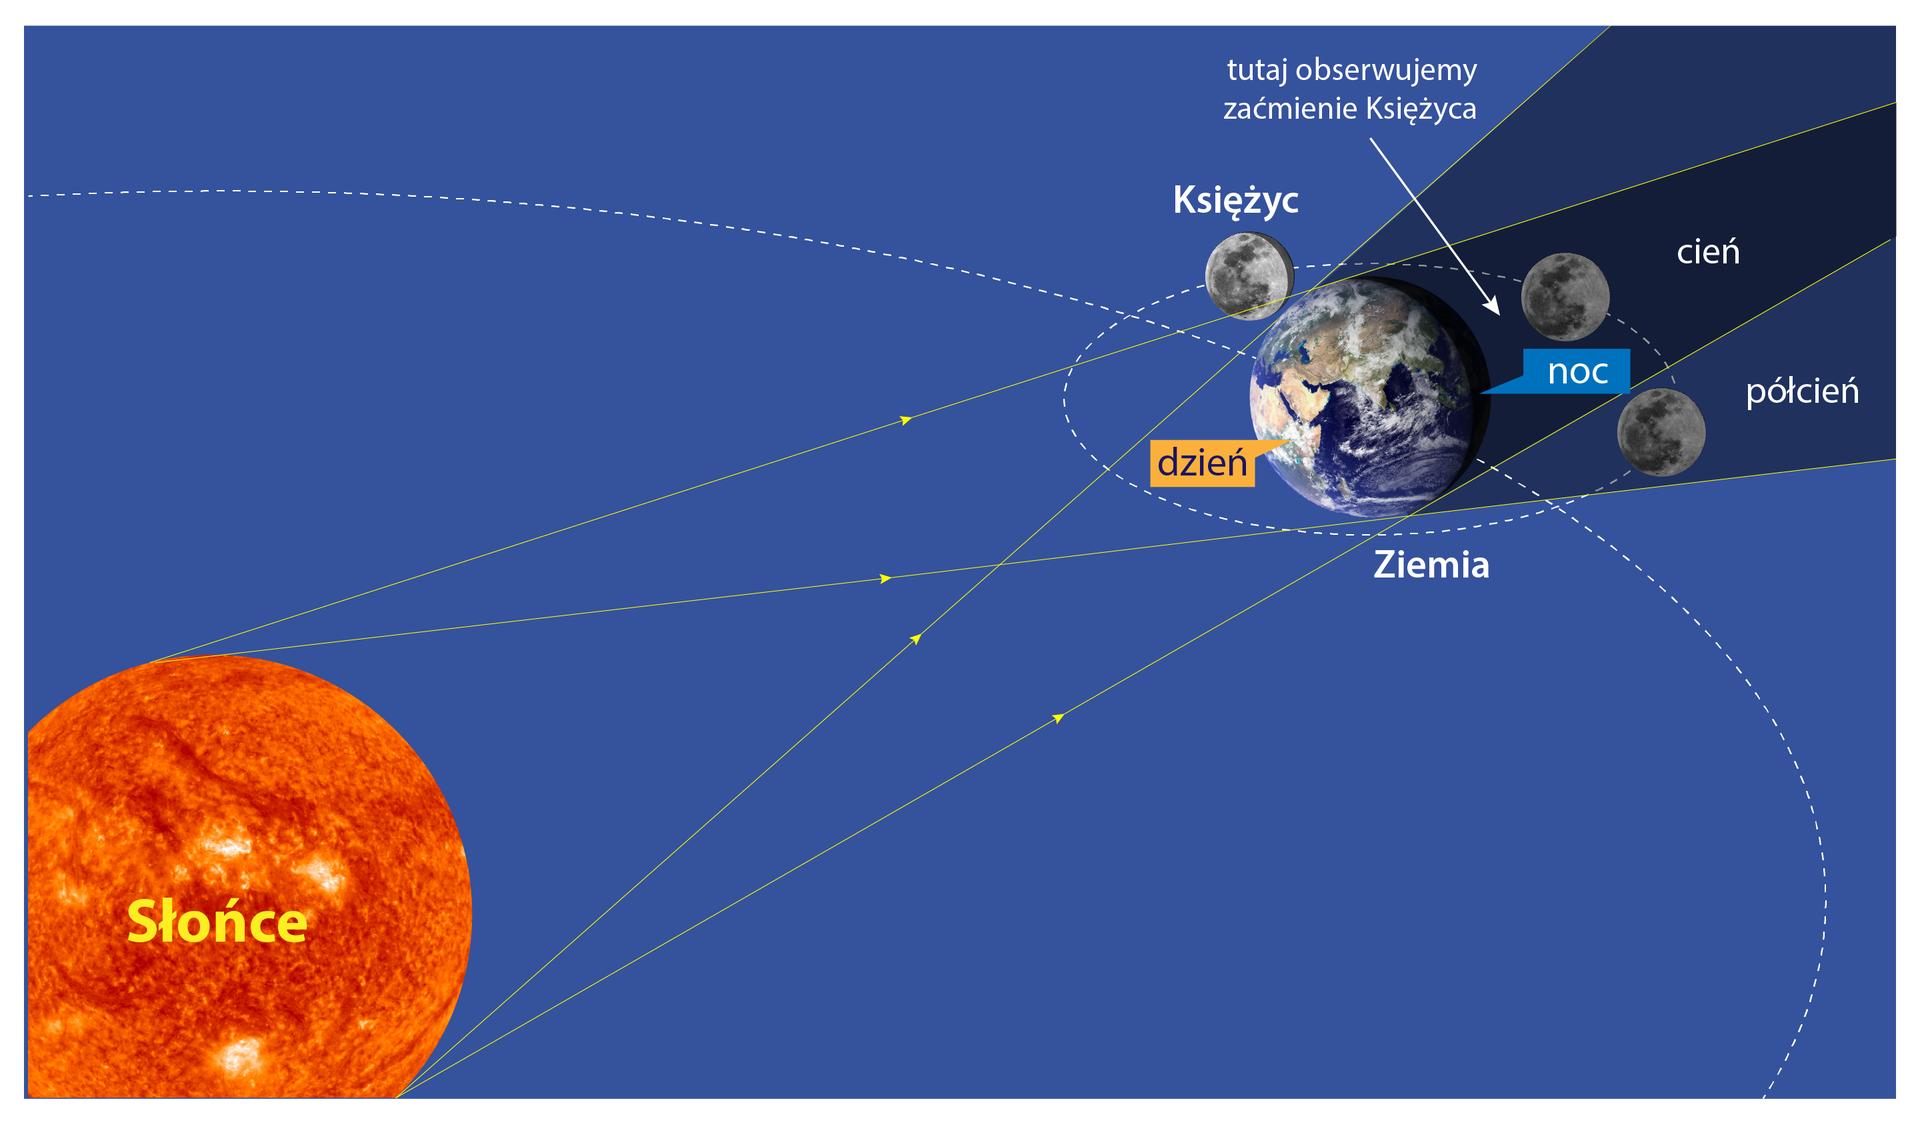 Ilustracja prezentuje mechanizm powstawania zaćmienia Księżyca. Wlewym dolnym rogu ilustracji znajduje się Słońce naprzeciwko niego, blisko prawego górnego rogu ilustracji, znajduje Ziemia, aza nią Księżyc. Przerywanymi białymi liniami zaznaczono orbitę księżyca wokół Ziemi oraz orbitę Ziemi wokół Słońca. Promienie świetlne wysyłane przez Słońce oświetlają część Ziemi zwróconą do niego. Wefekcie wtej części Ziemi jest wdzień, apo przeciwnej stronie noc. Ziemia rzuca cień na Księżyc, wefekcie obserwujemy zaćmienie księżyca.